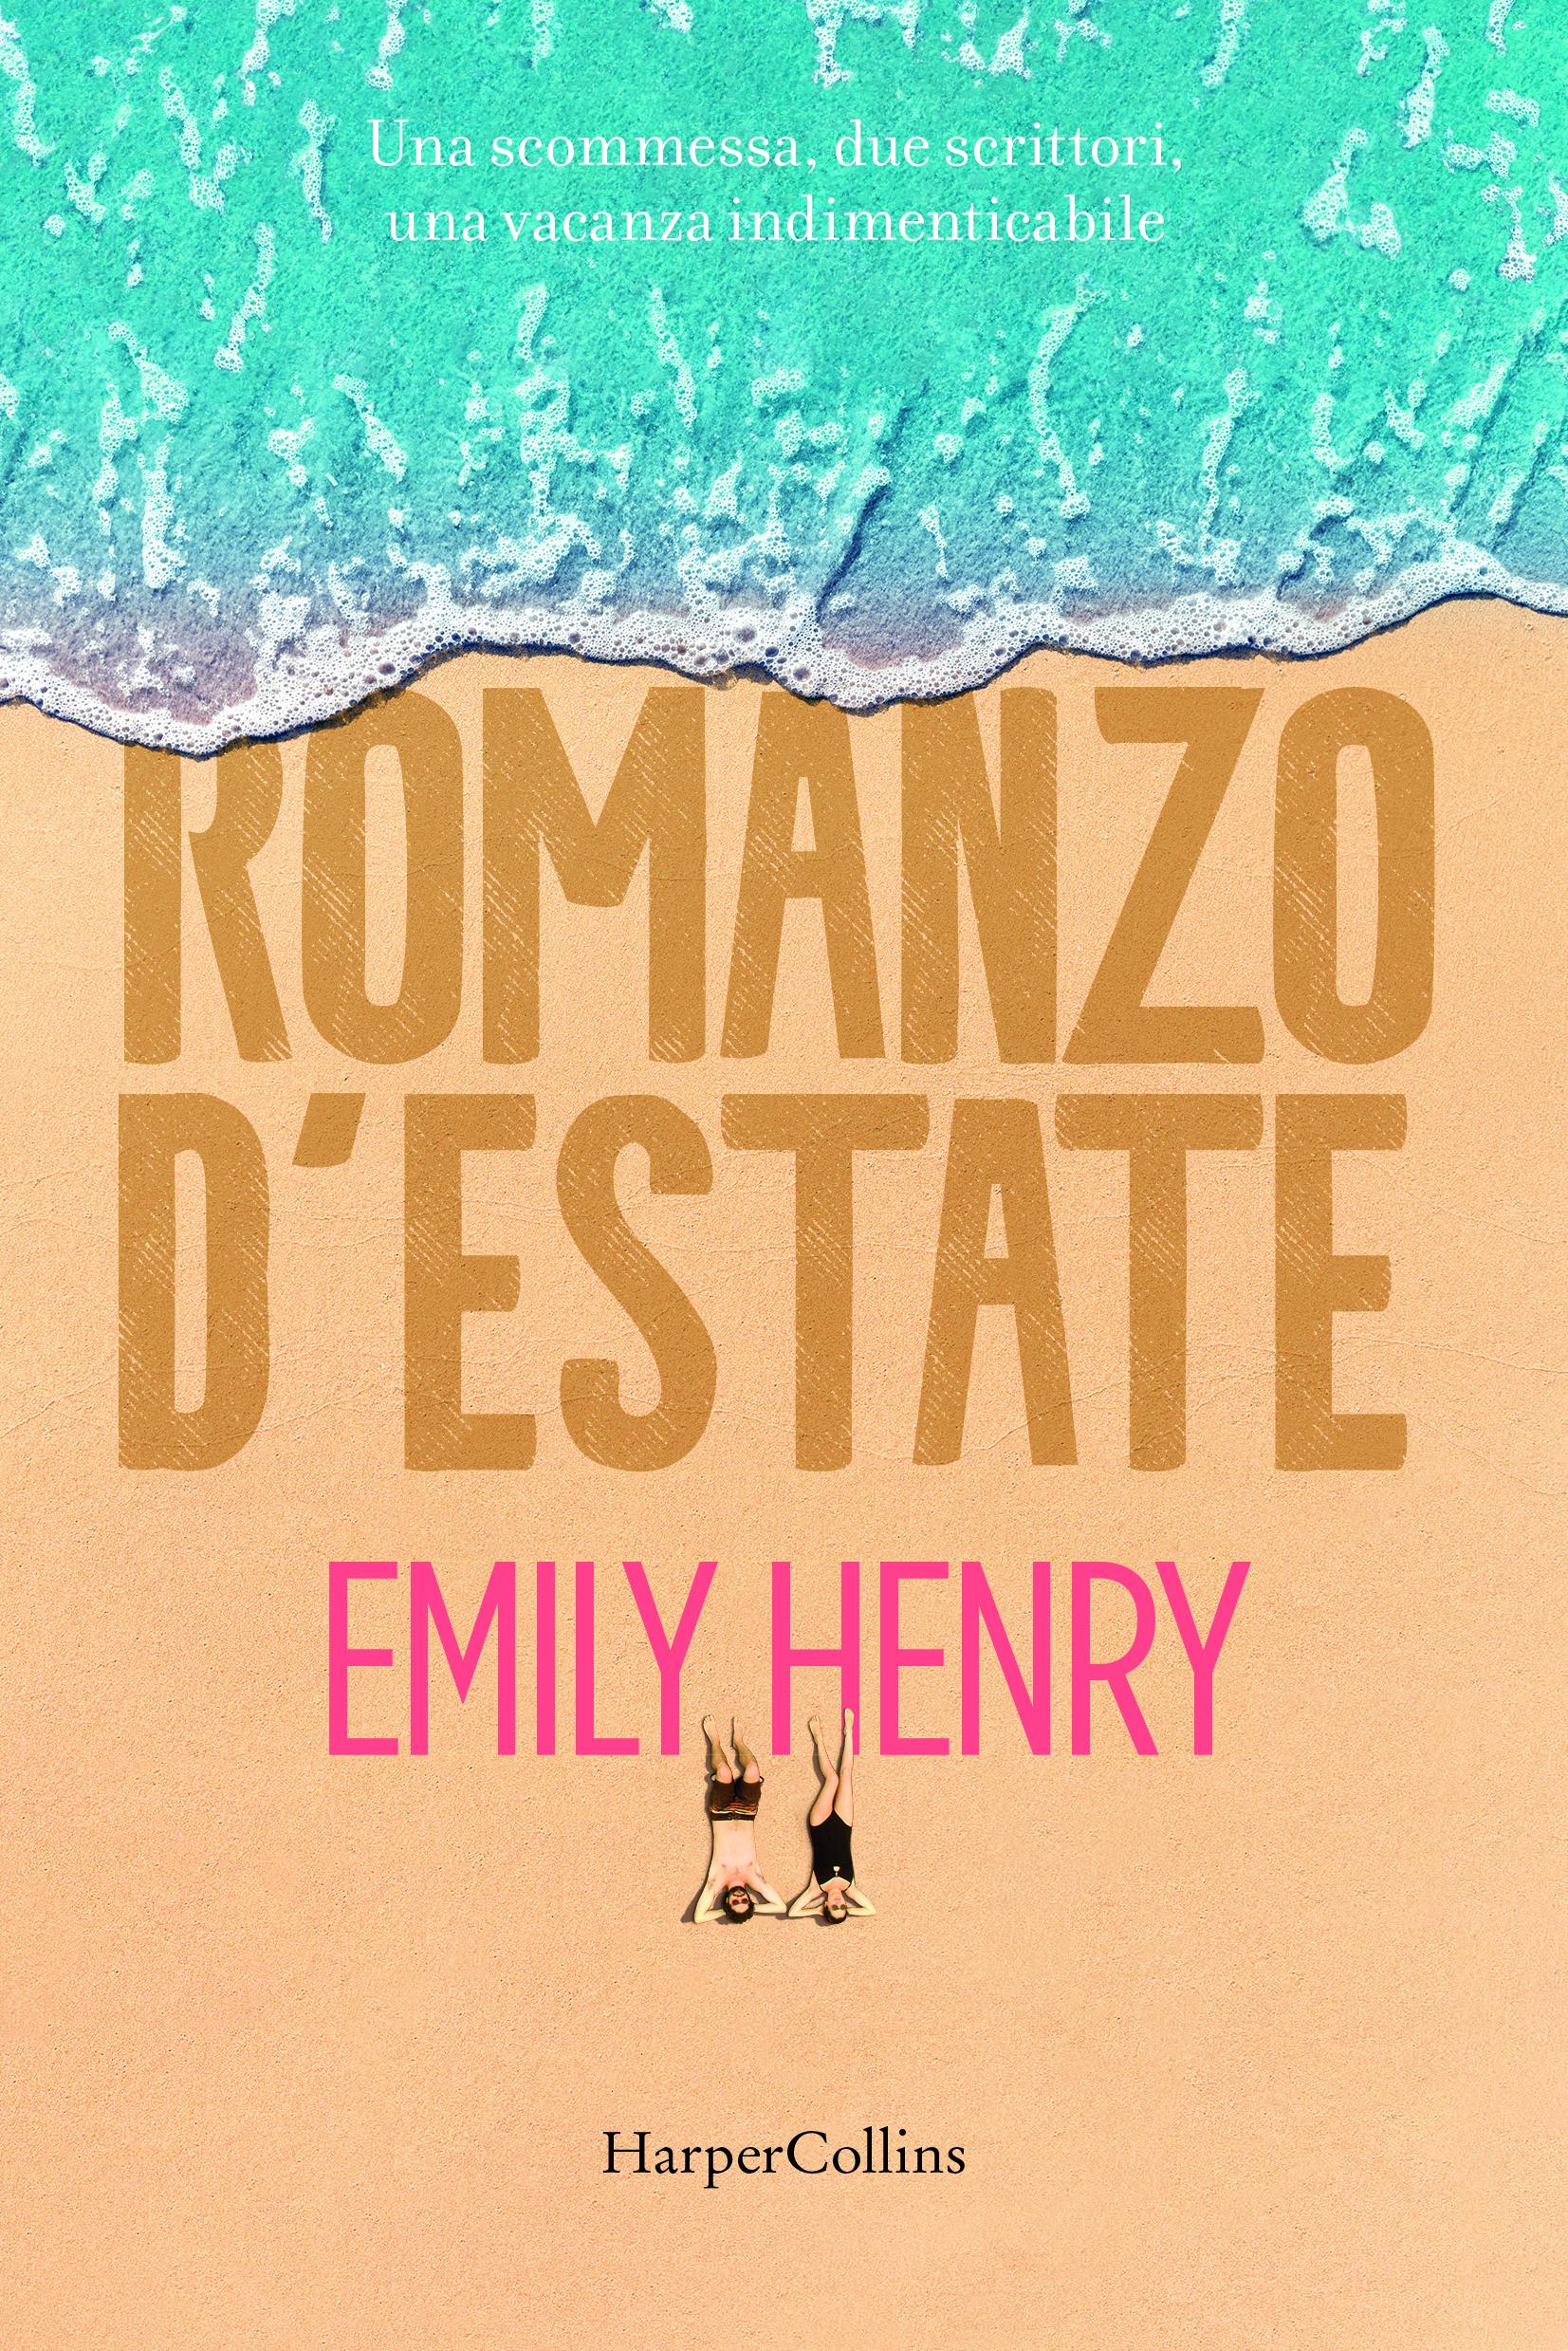 HC_BrossuraAlette_Henry_RomanzoDEstate_COVER.indd